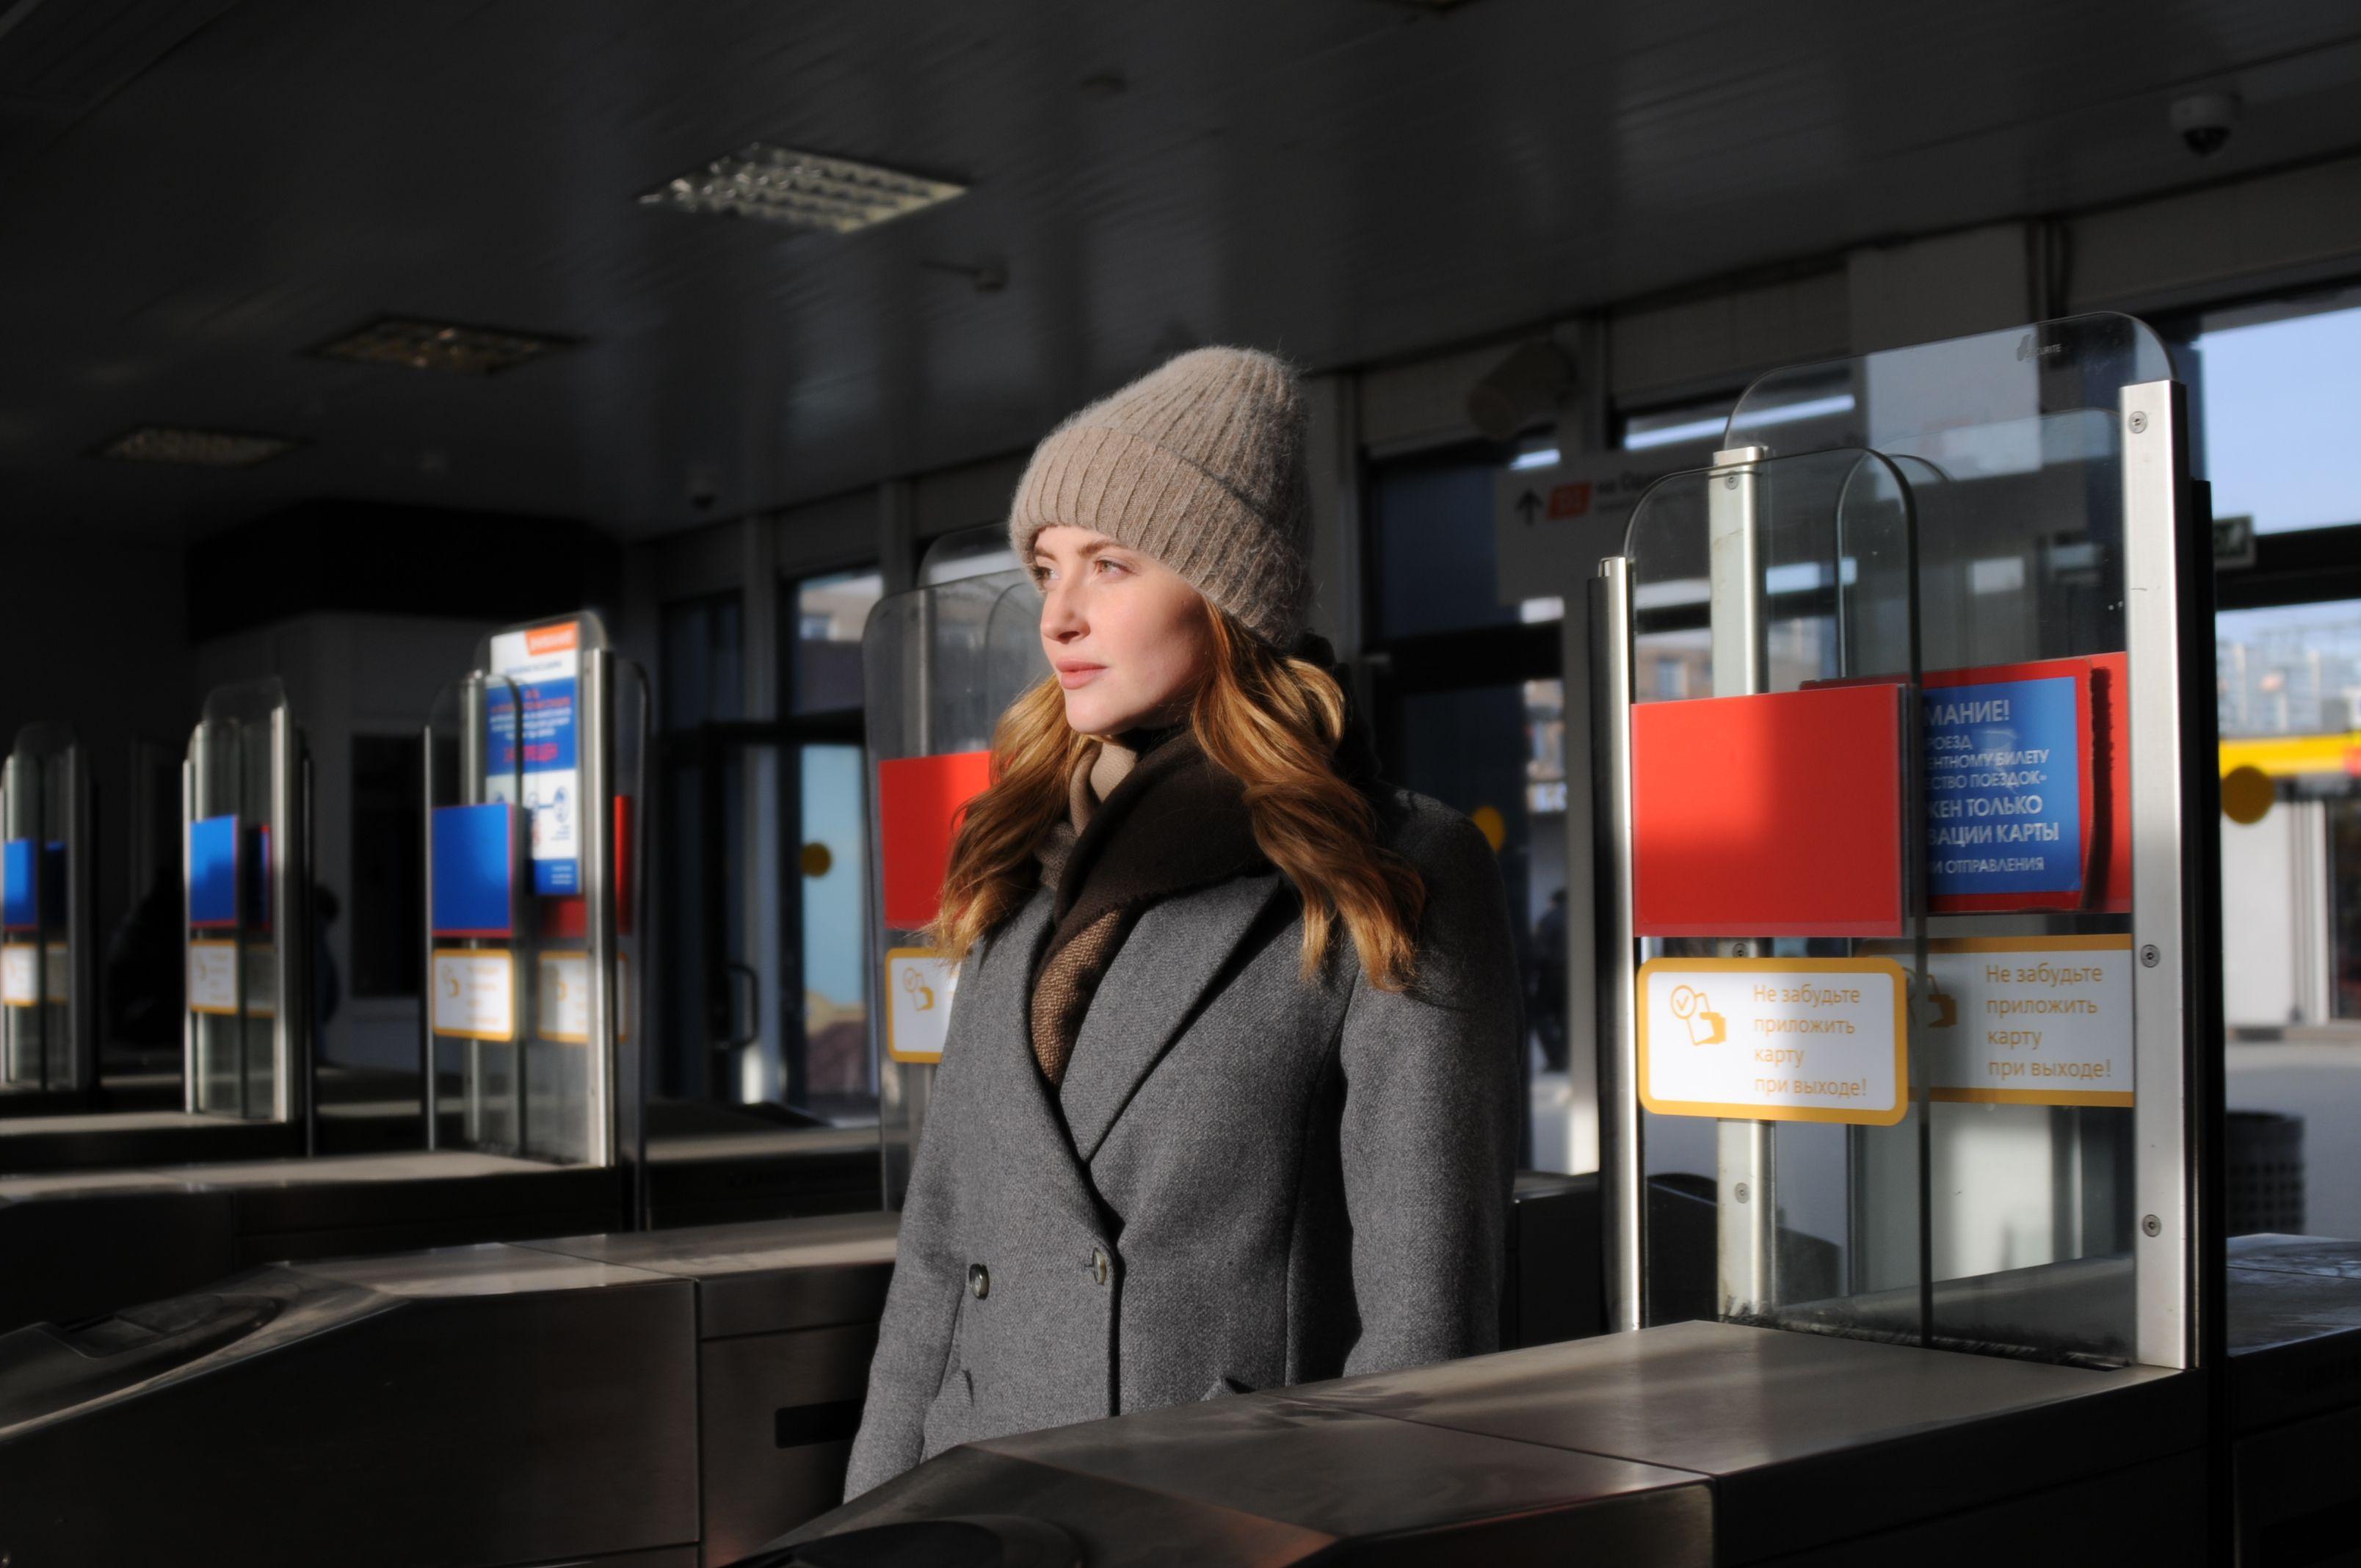 Последний день свободного входа - 8 декабря. Фото: Светлана Колоскова